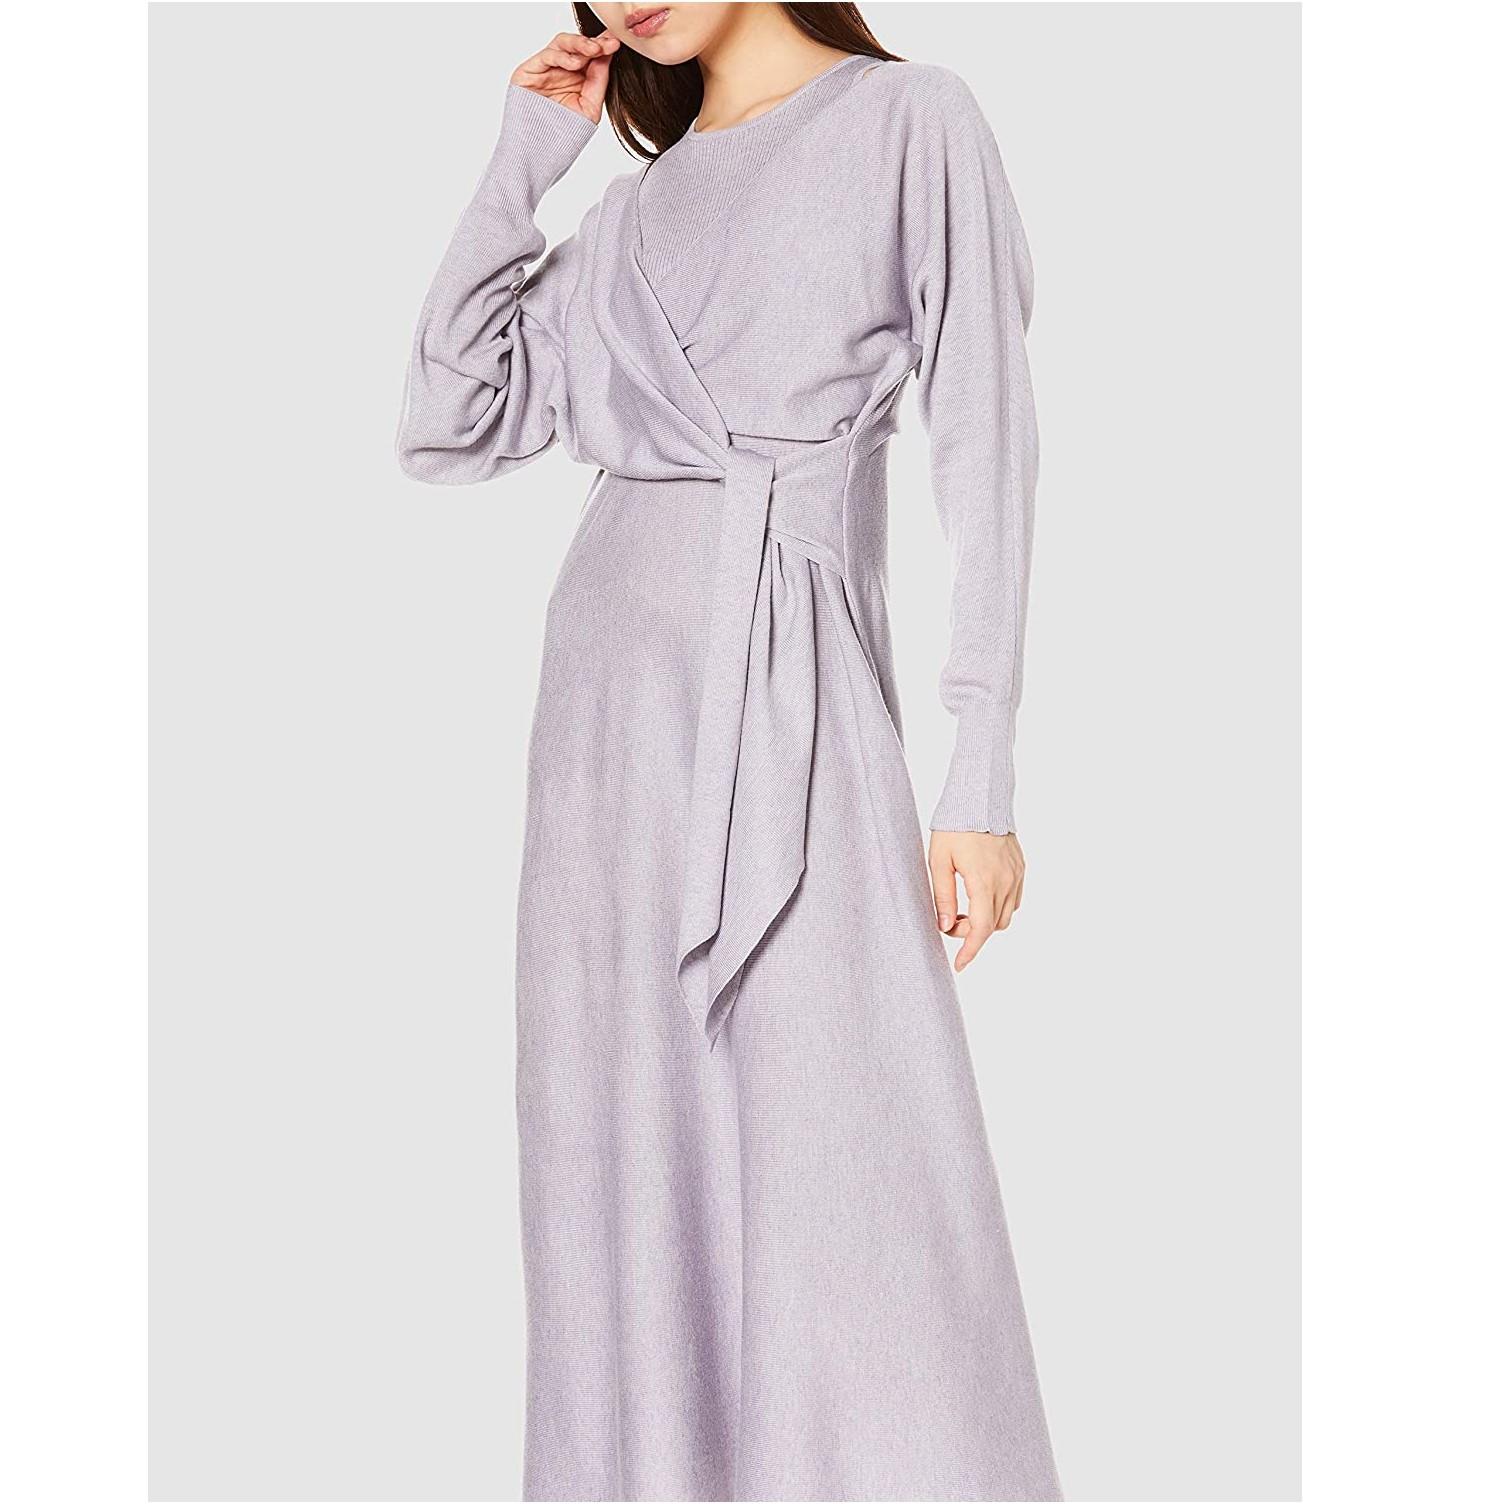 SNIDEL 针织连衣裙 女士 淡紫色 SWNO204139